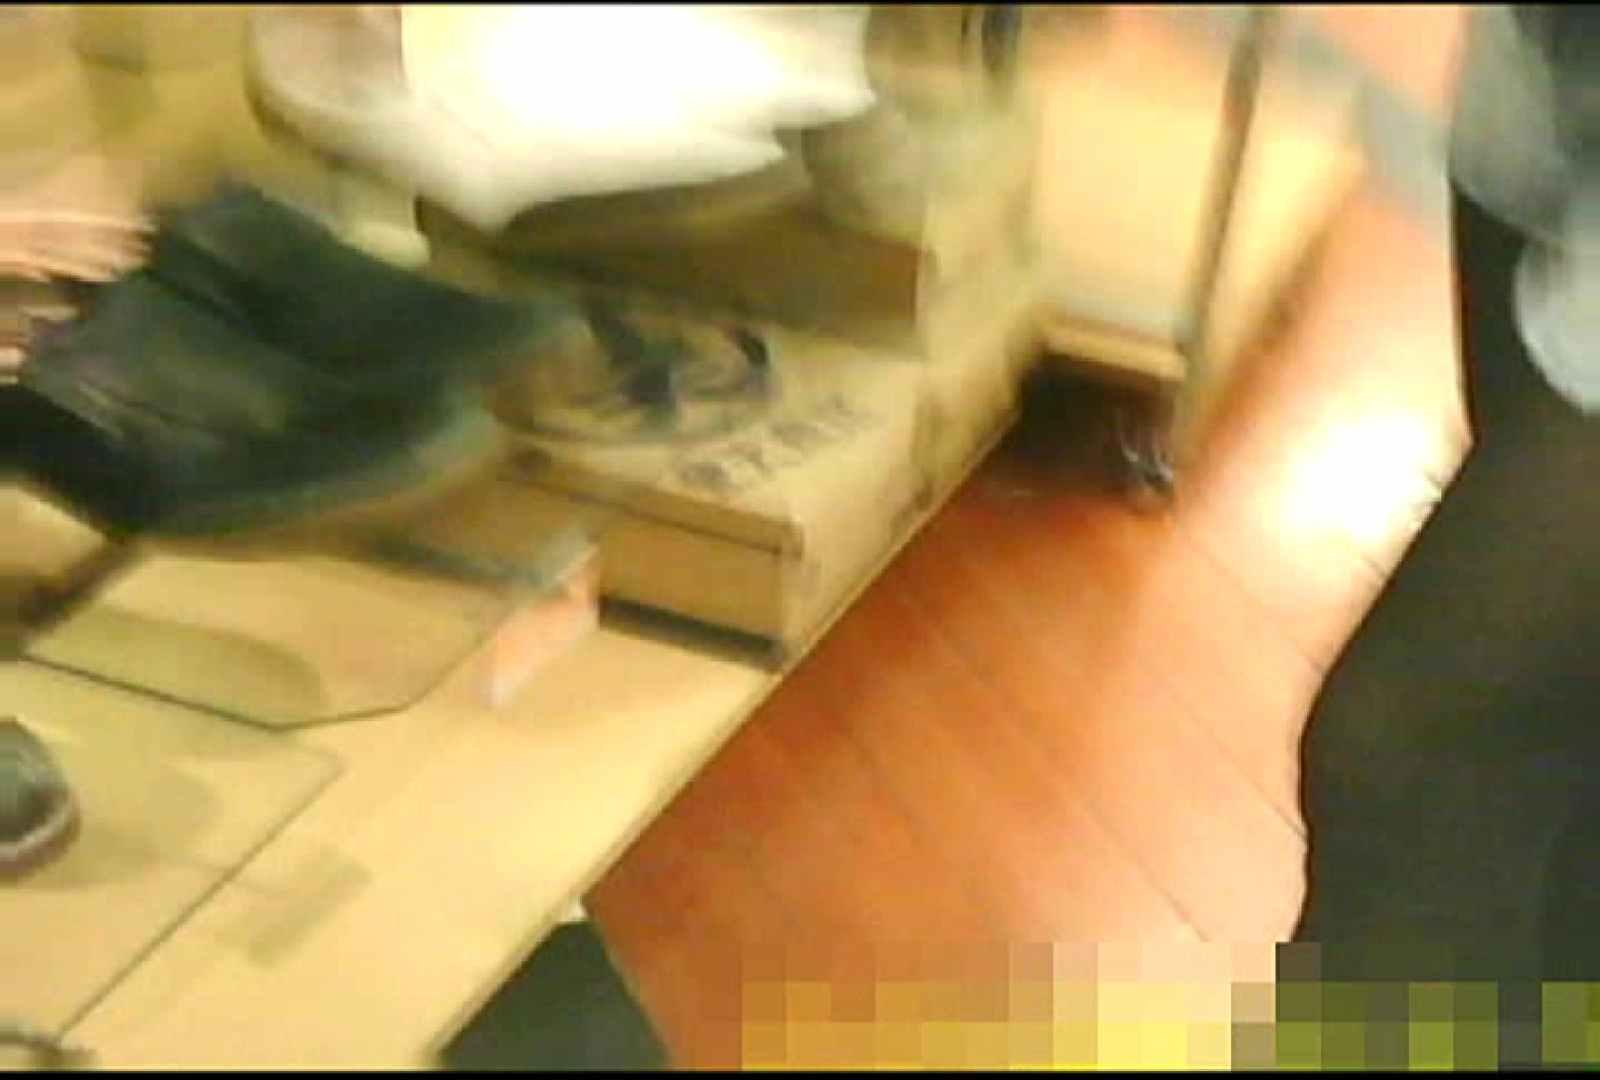 「ノゾキスト」さんの陰撮!!美女サルベージVol.1 覗き セックス画像 89PIX 50